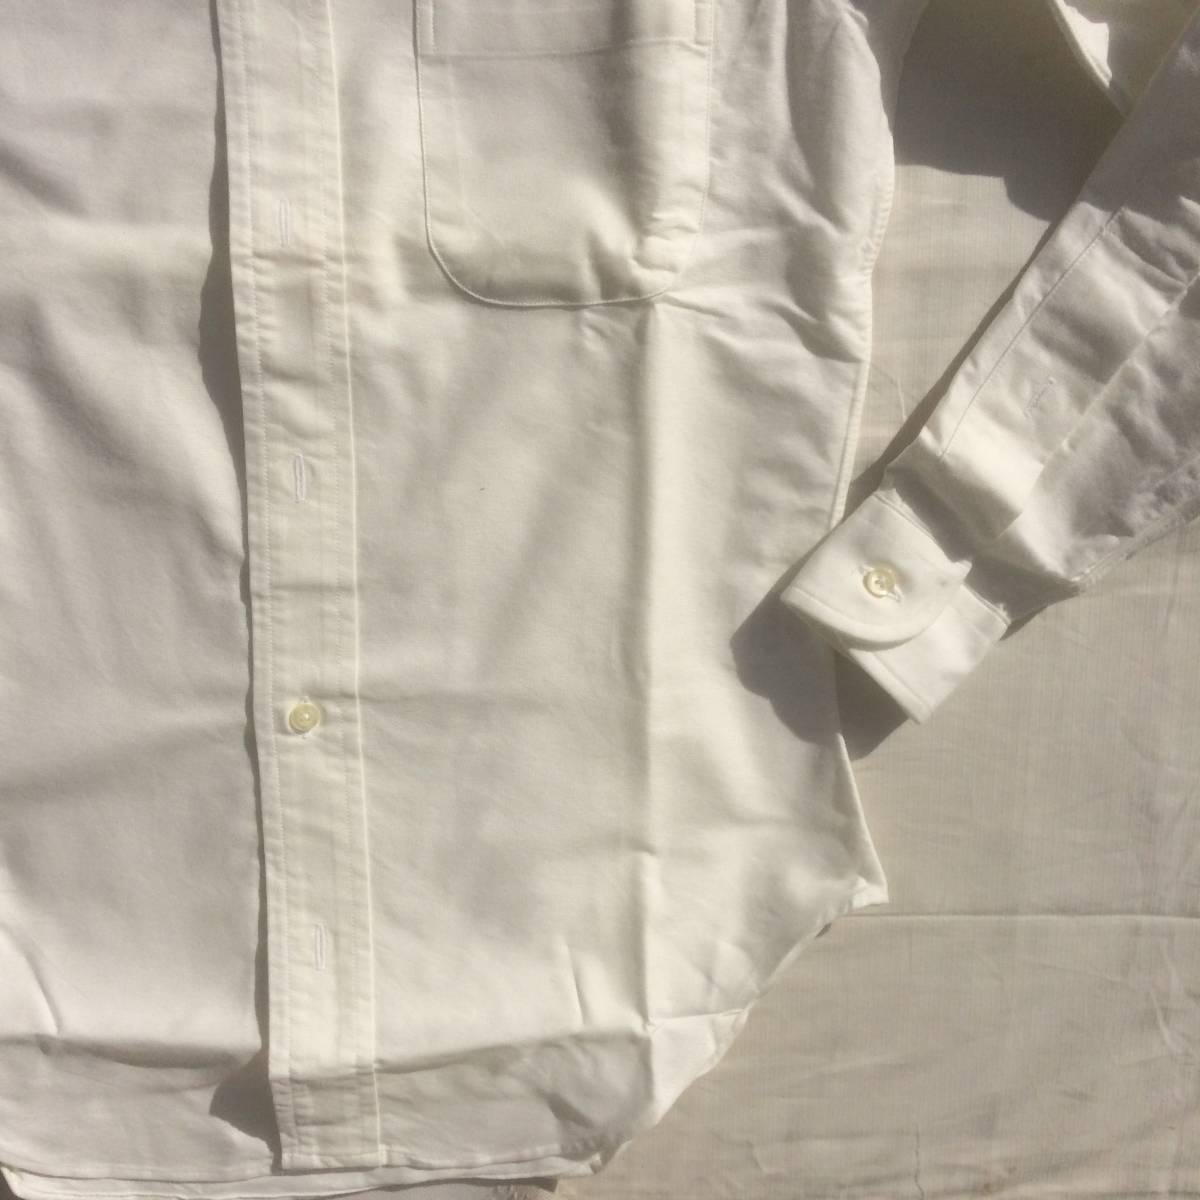 INDIVIDUALIZED SHIRTS インディビジュアライズドシャツ ダンリバー オックスフォード BD 白 ホワイト 長袖 シャツ xxs 13.5 usa製_画像5